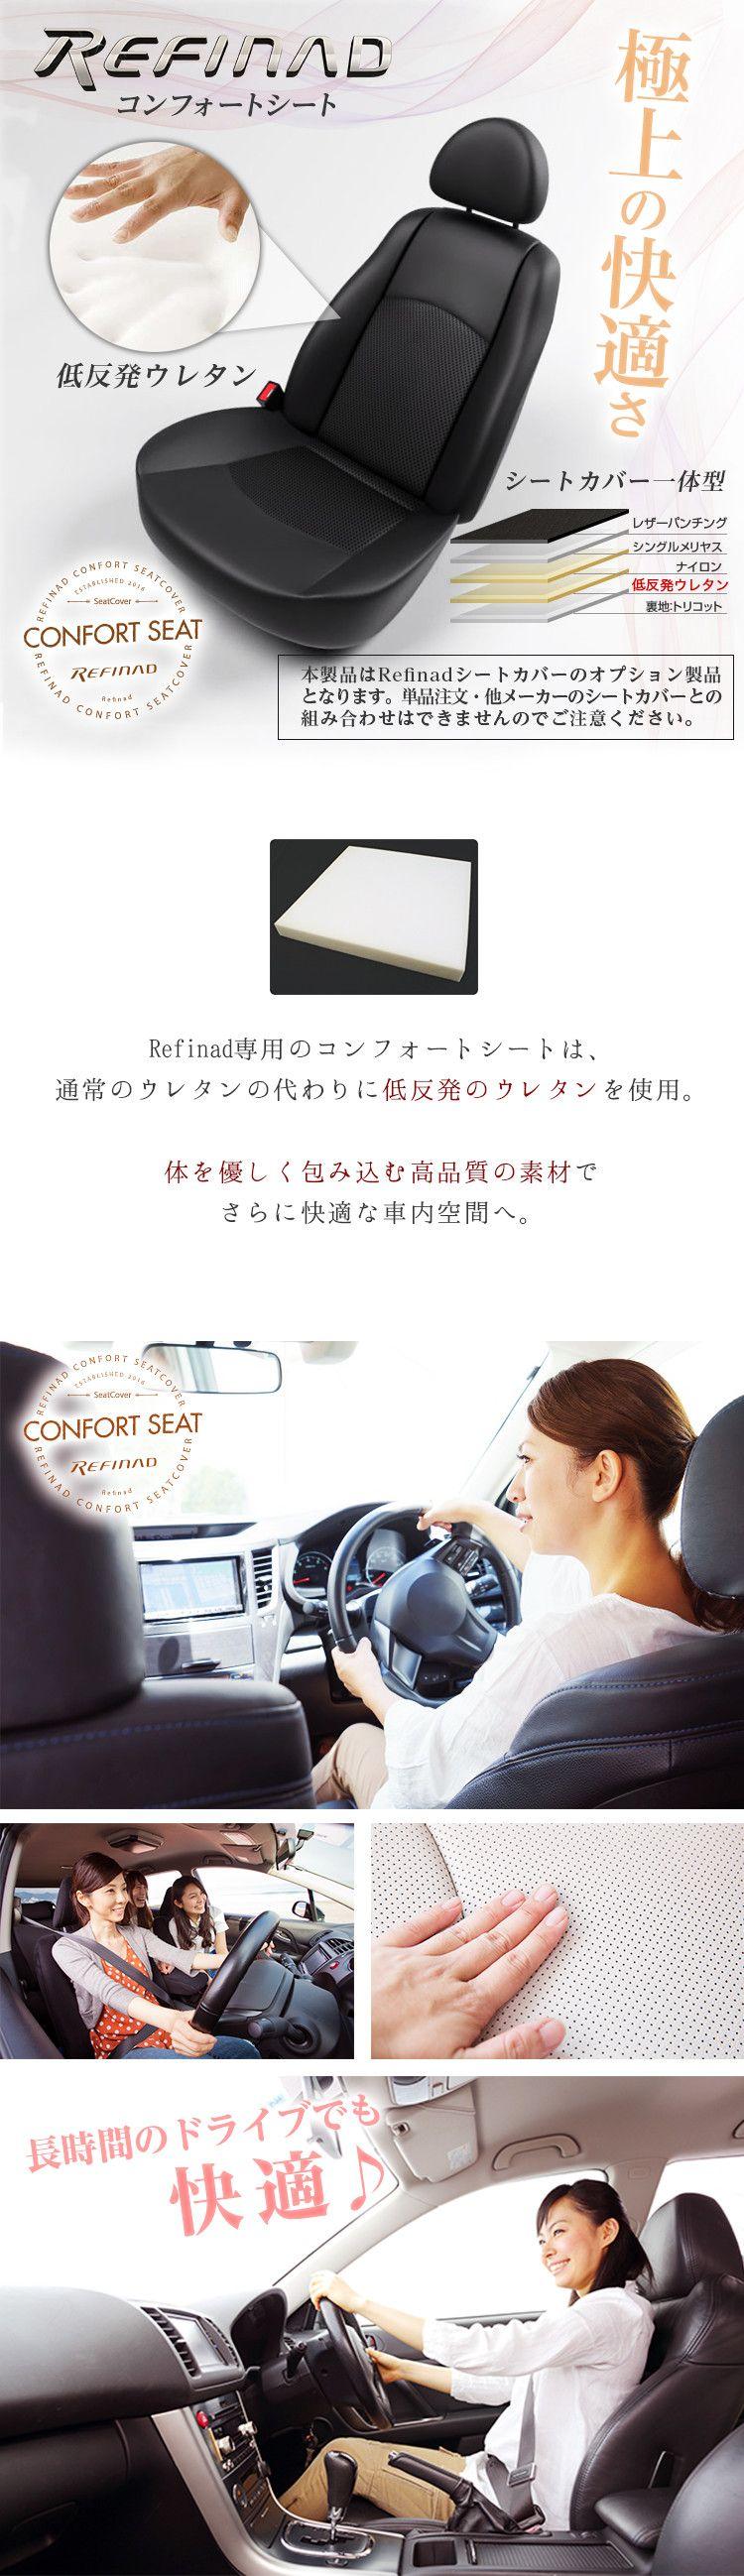 Refinad コンフォートシート 極上の快適さ 低反発ウレタン シートカバー一体型CONFORT SEAT 本製品はRefinadシートカバーのオプション製品となります。単品注文・他メーカーのシートカバーとの組み合わせはできませんのでご注意ください。Refinad専用のコンフォートシートは、通常のウレタンの代わりに低反発のウレタンを使用。体を優しく包み込む高品質の素材でさらに快適な車内空間へ。長時間のドライブでも快適♪